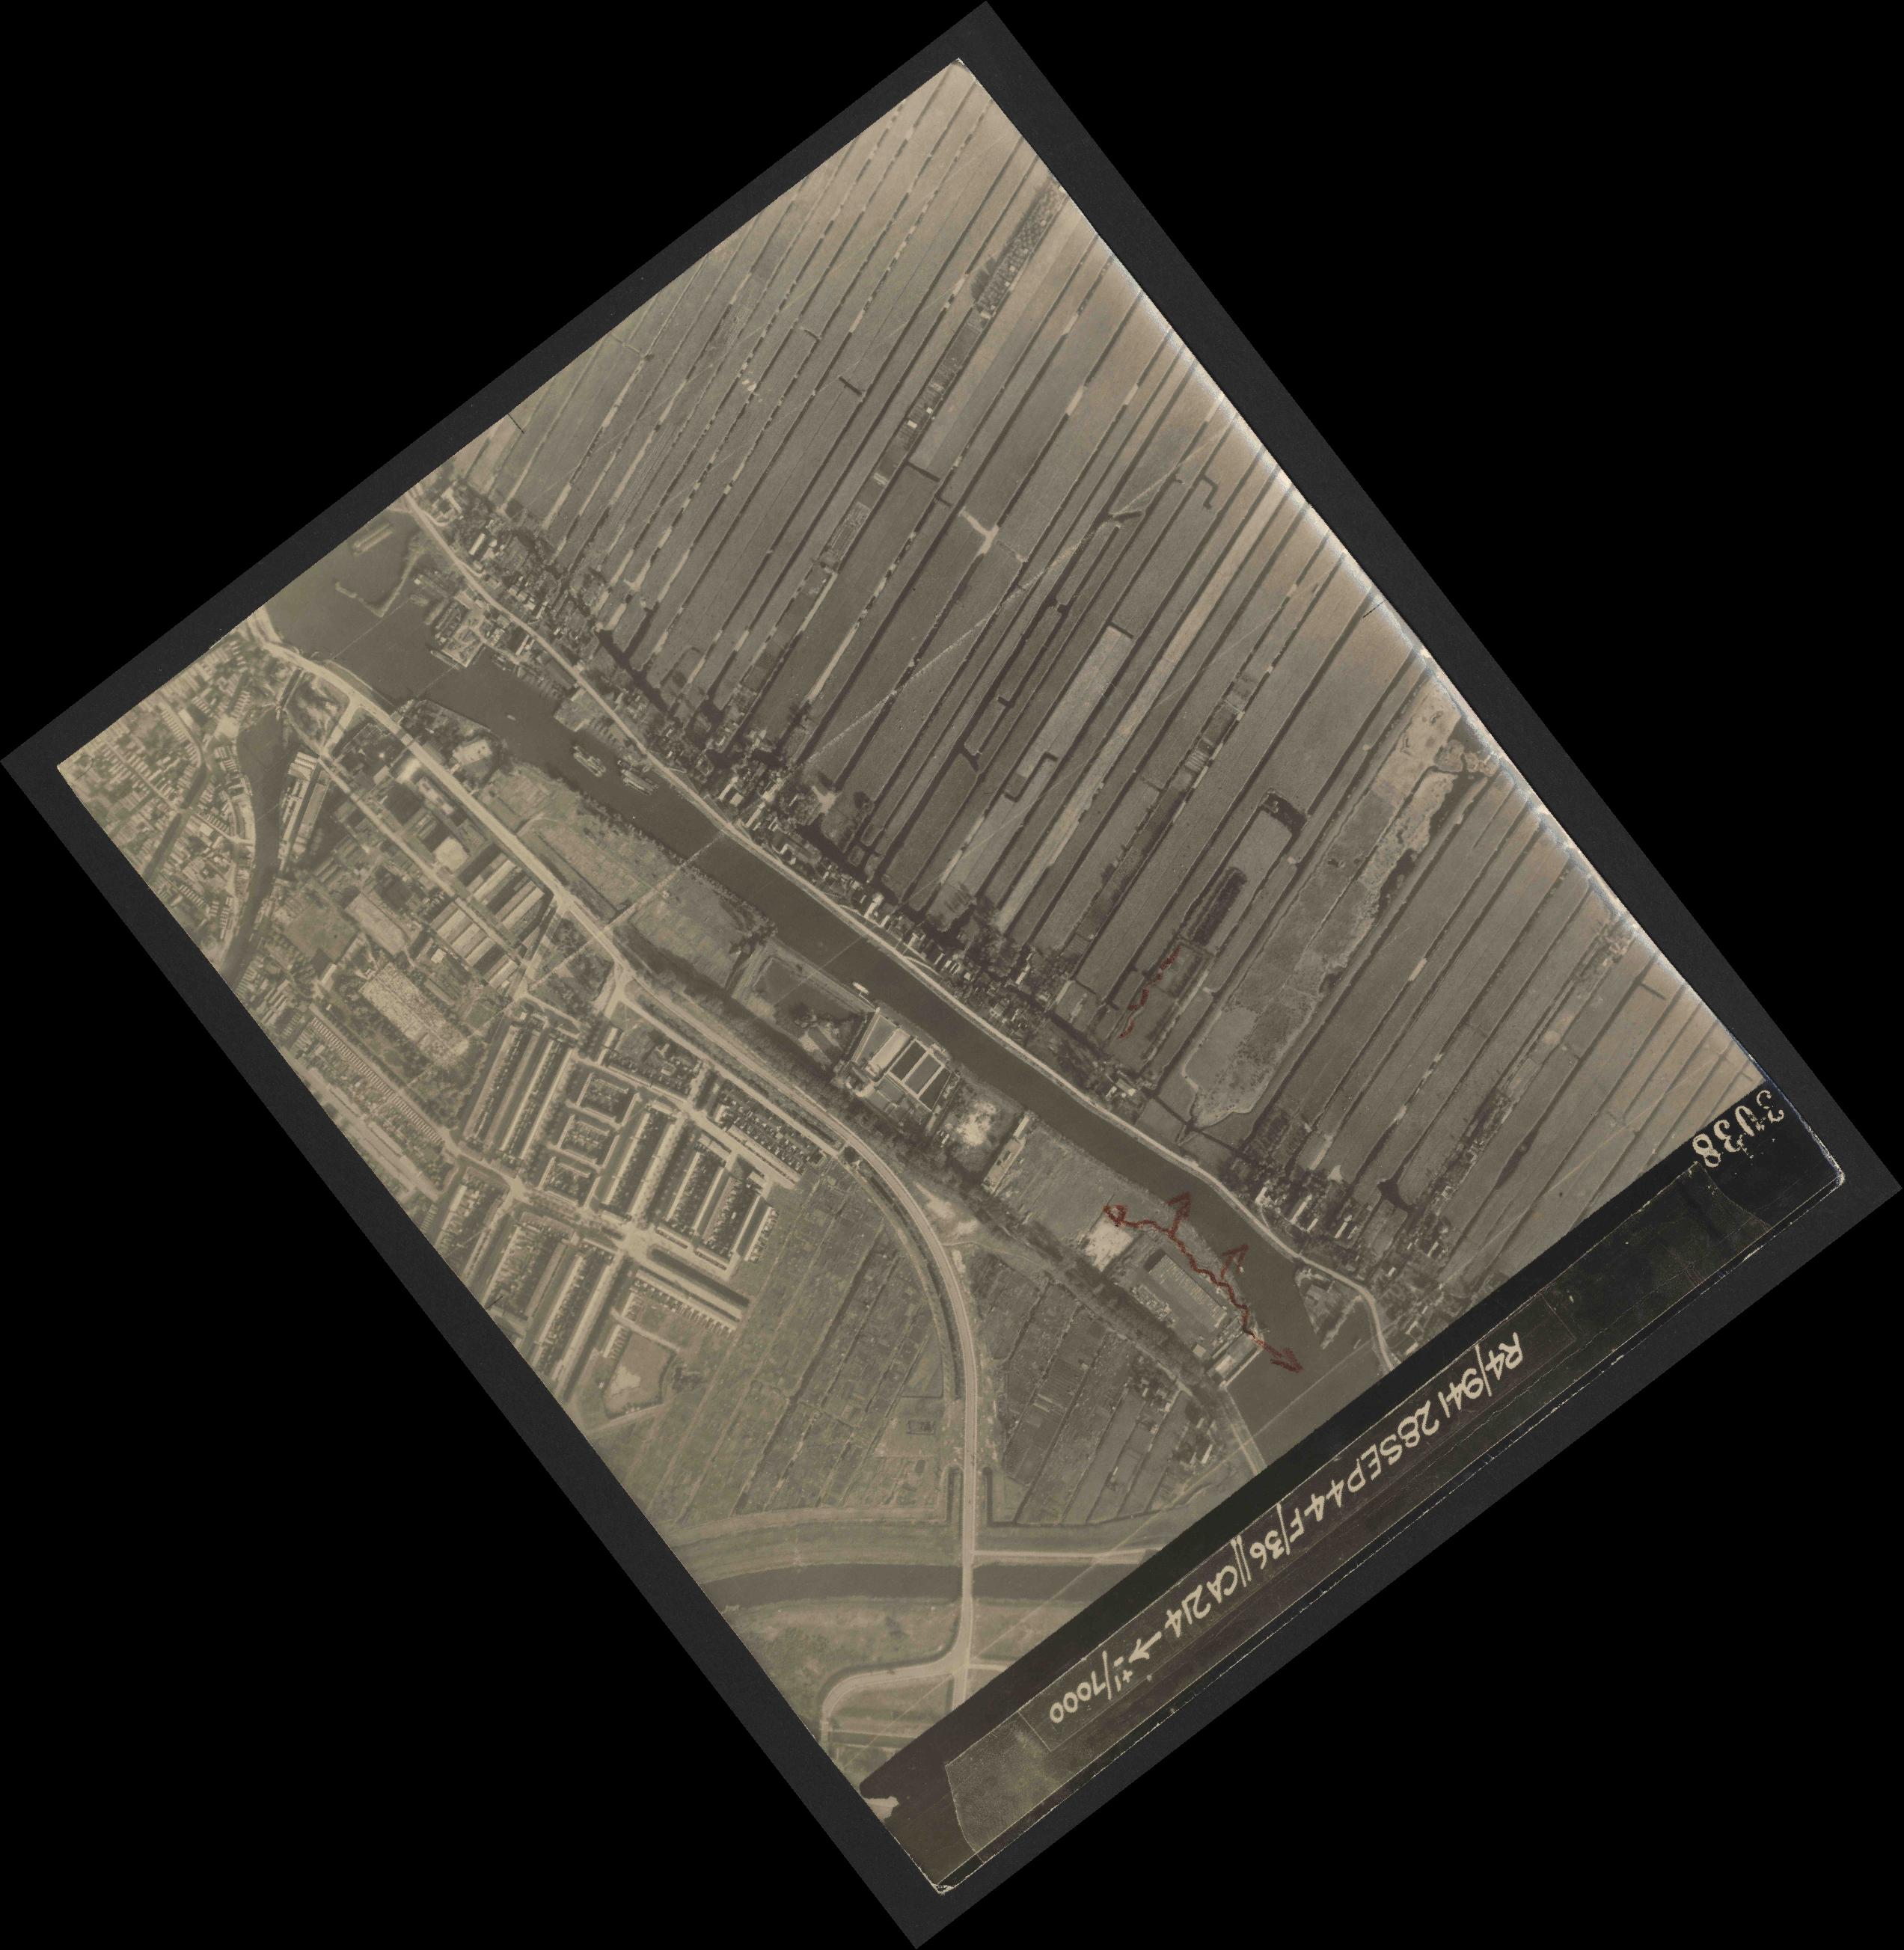 Collection RAF aerial photos 1940-1945 - flight 067, run 11, photo 3038